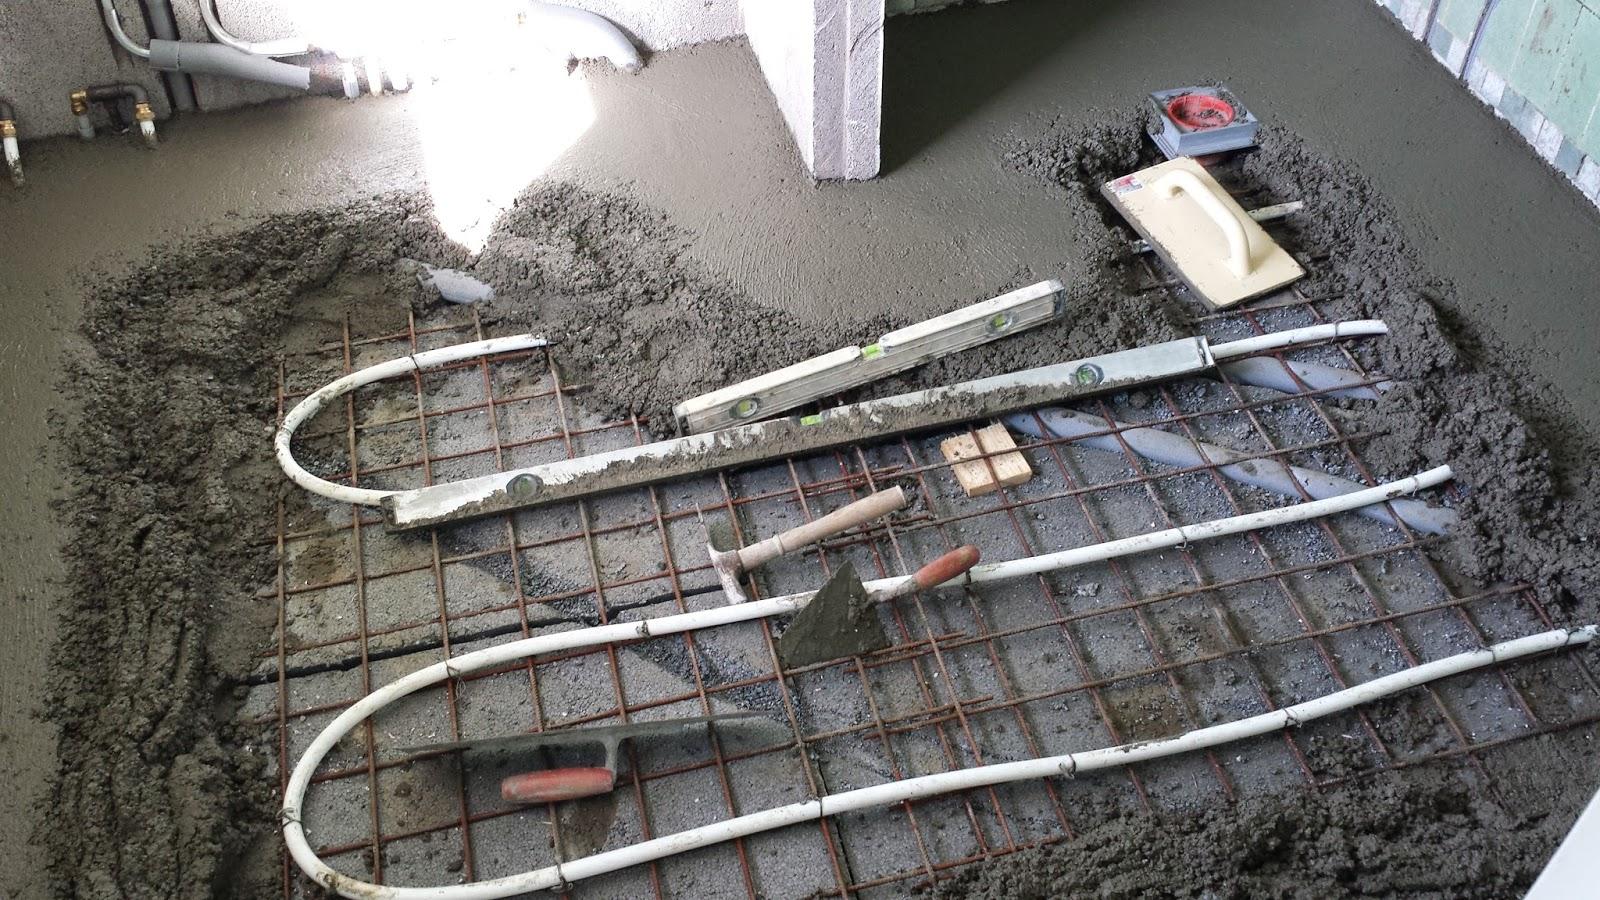 #535F78 Mest effektive Renovering Af Badeværelse Med Fokus På Energibesparelser: Støbning Af Gulv Gør Det Selv Isolering Af Gulv 5505 16009005505